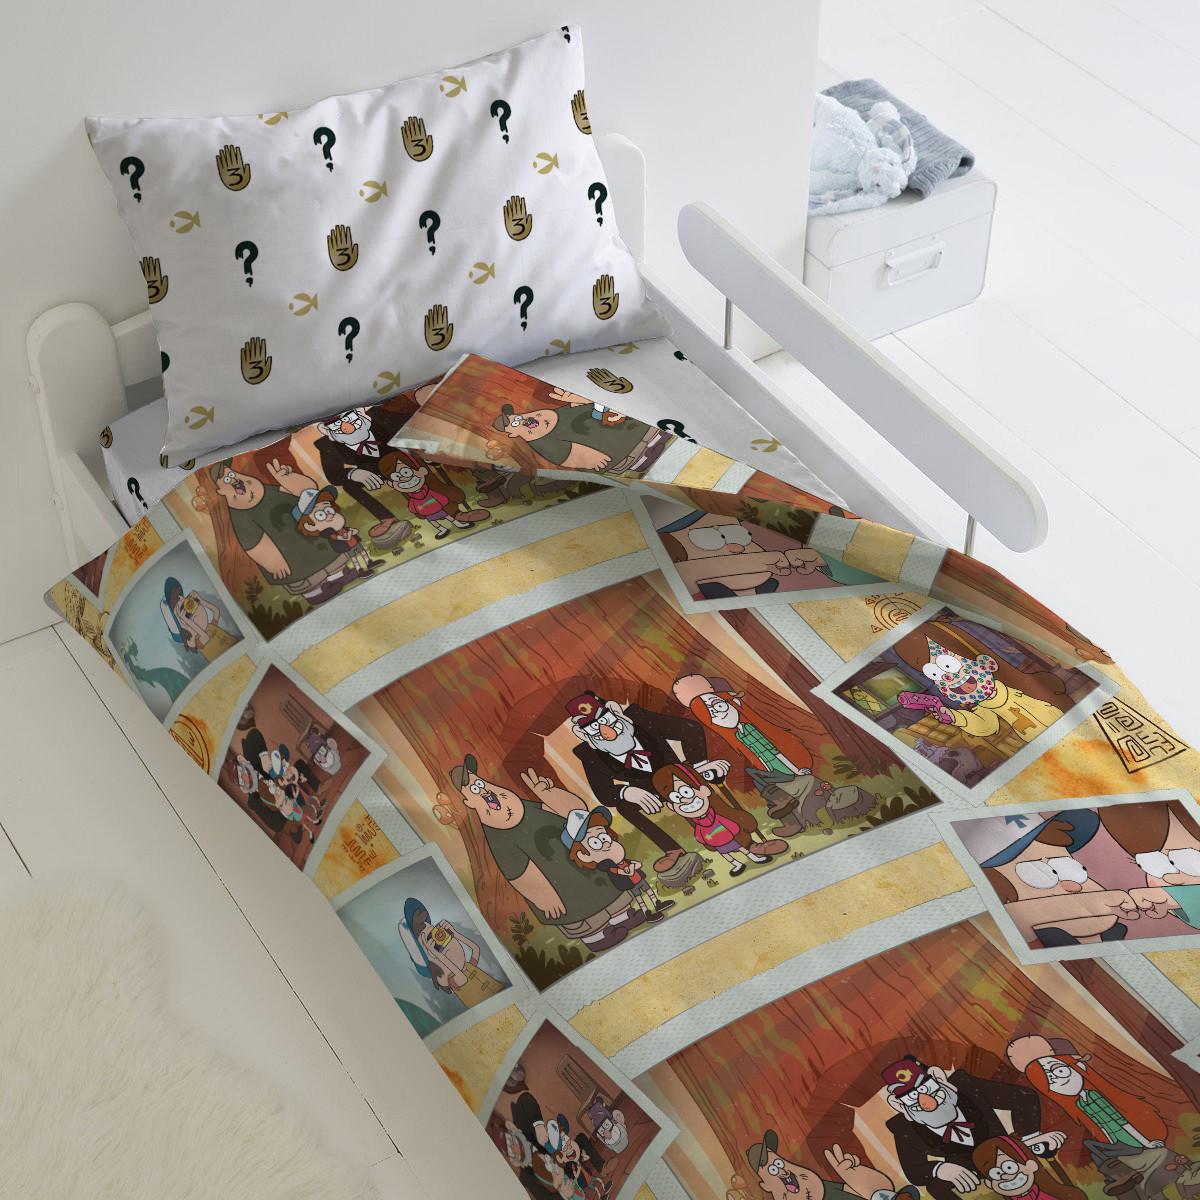 HOMY Комплект постельного белья Воспоминания, Гравити Фолз  HOMY  1.5 спальный